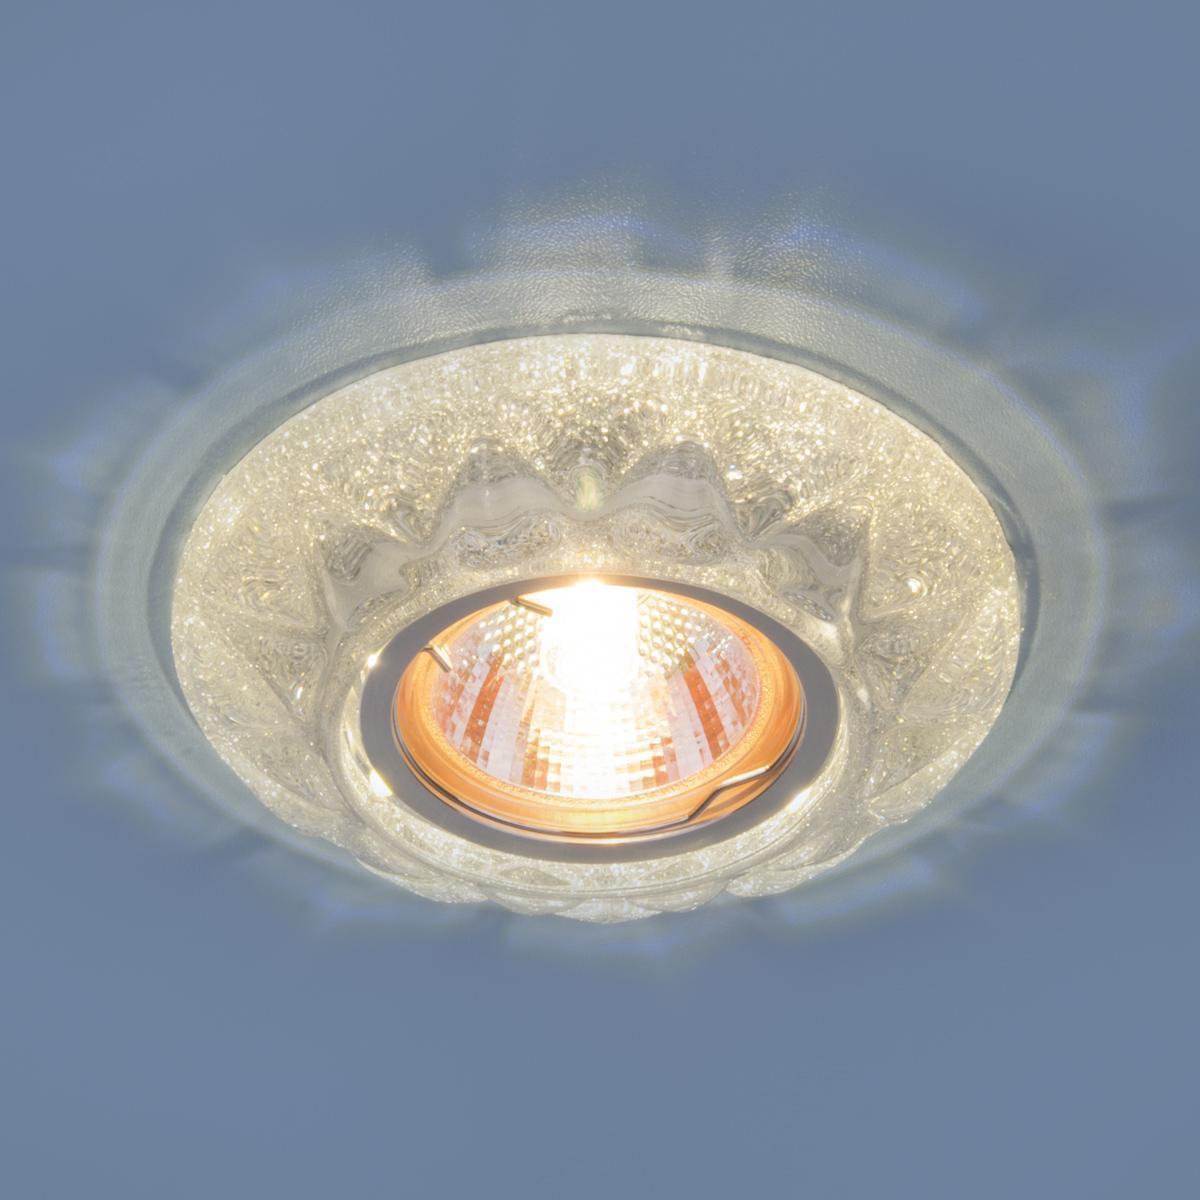 Фото - Встраиваемый светильник Elektrostandard 7249 MR16 SL серебряный блеск 4690389069208 cветильник галогенный de fran встраиваемый 1х50вт mr16 ip20 зел античное золото